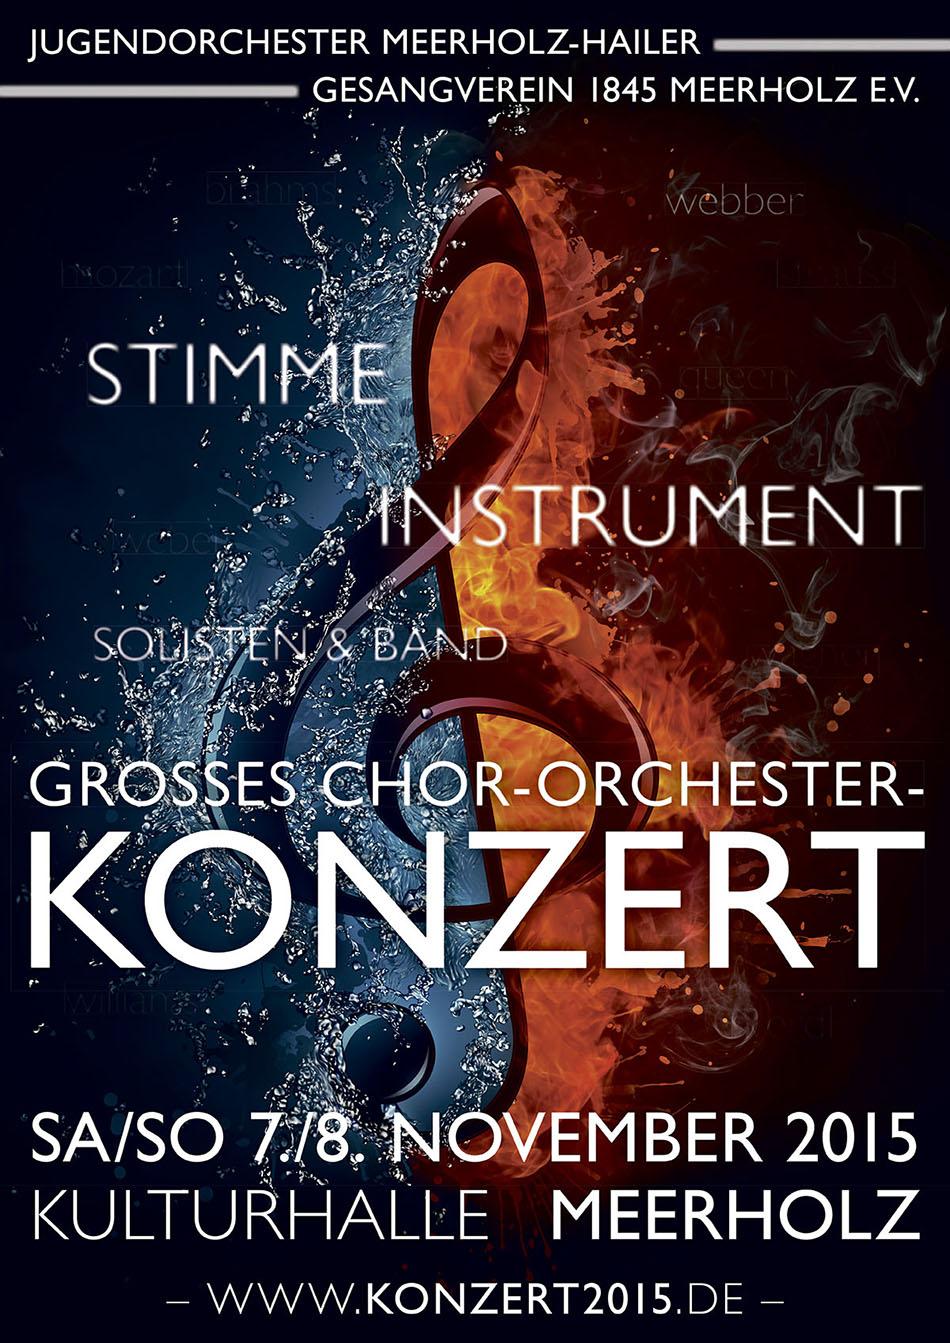 Chor-Orchester-Konzert_2015_A2.indd